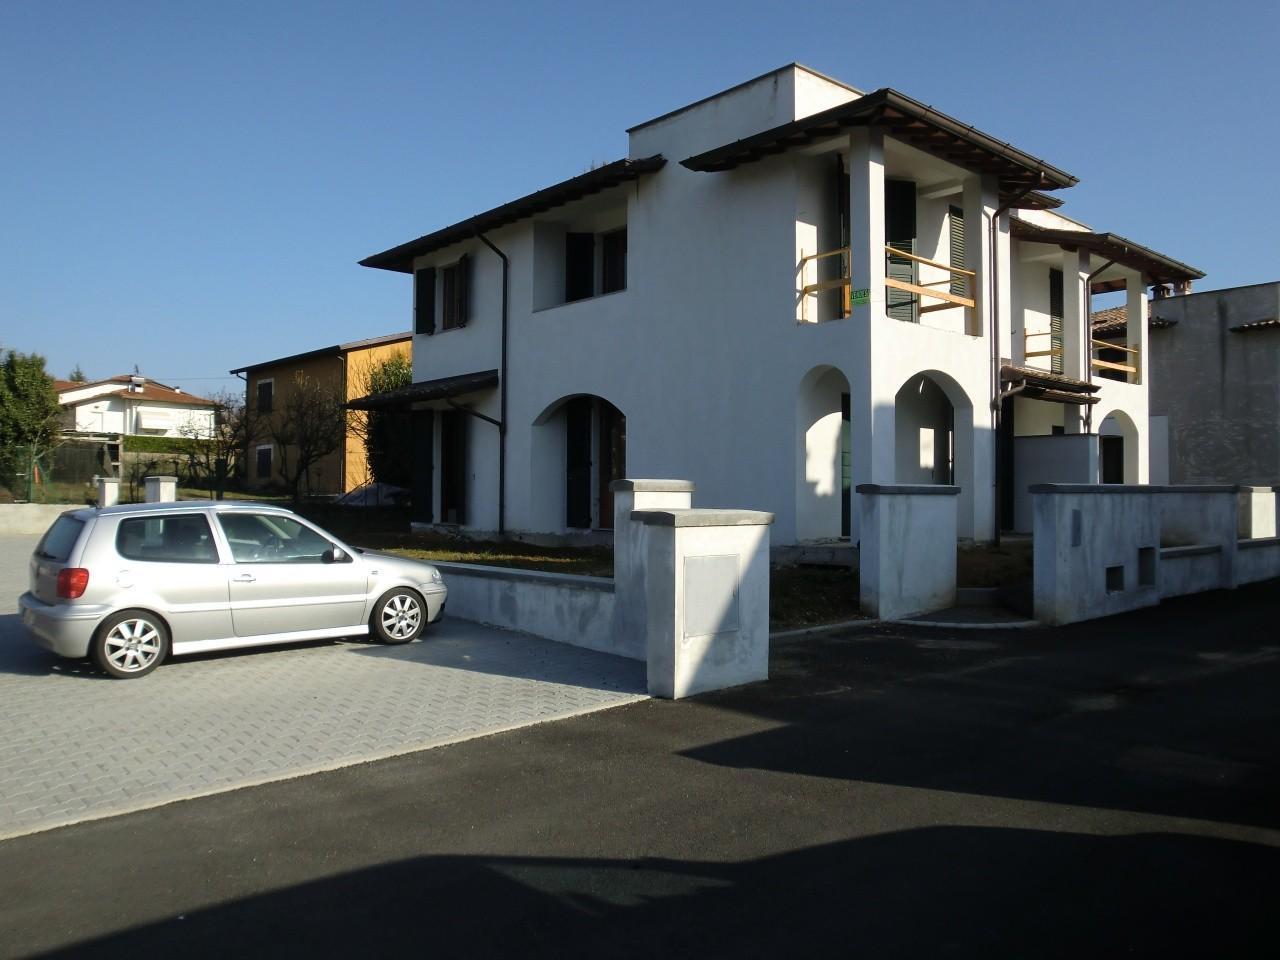 Villetta bifamiliare in vendita a Albiano, Barga (LU)